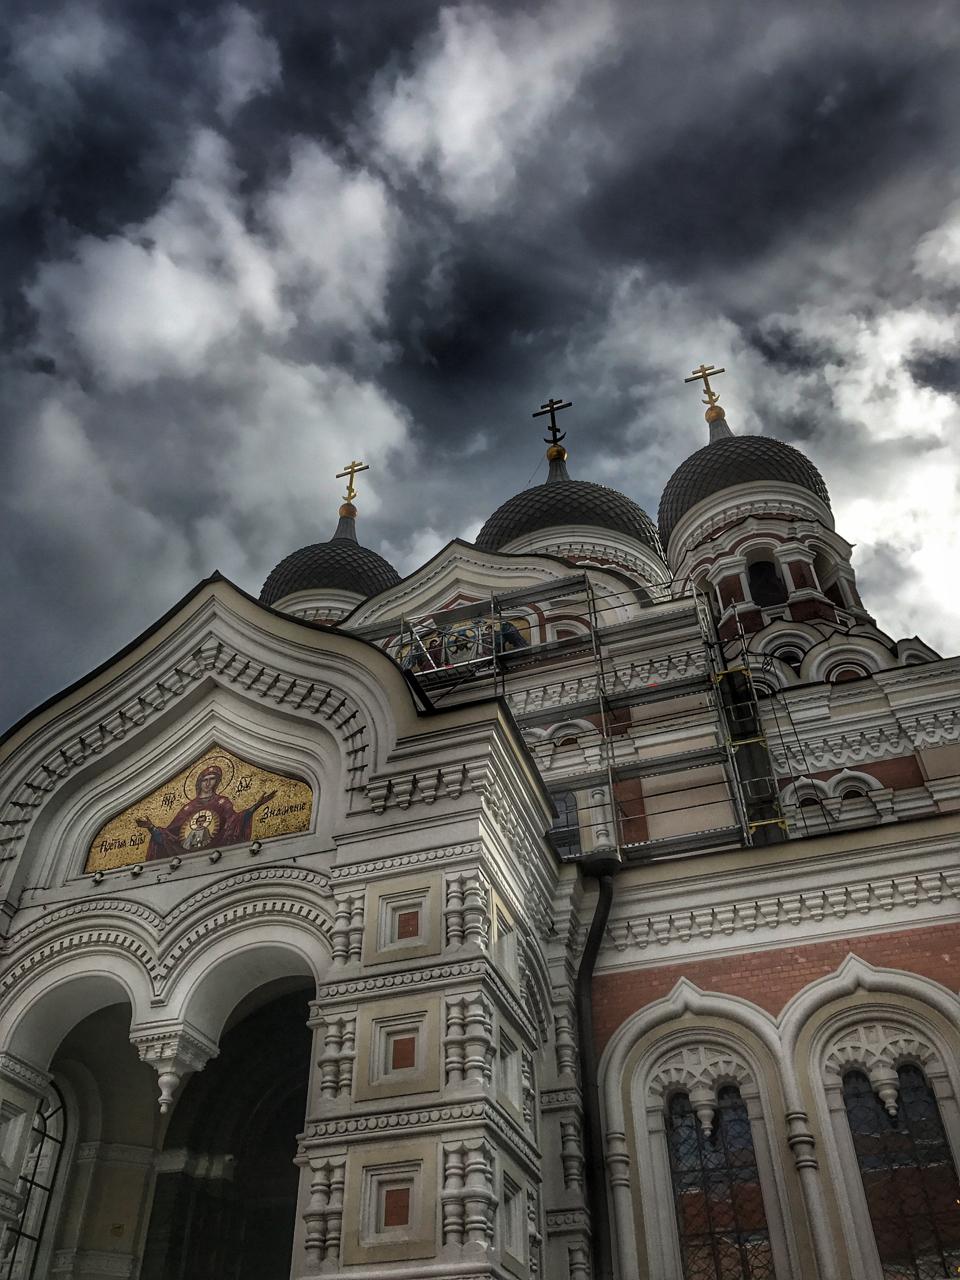 Teri_Tallin_Estonia Baltics_travel_spiritedtable_photot10.jpg